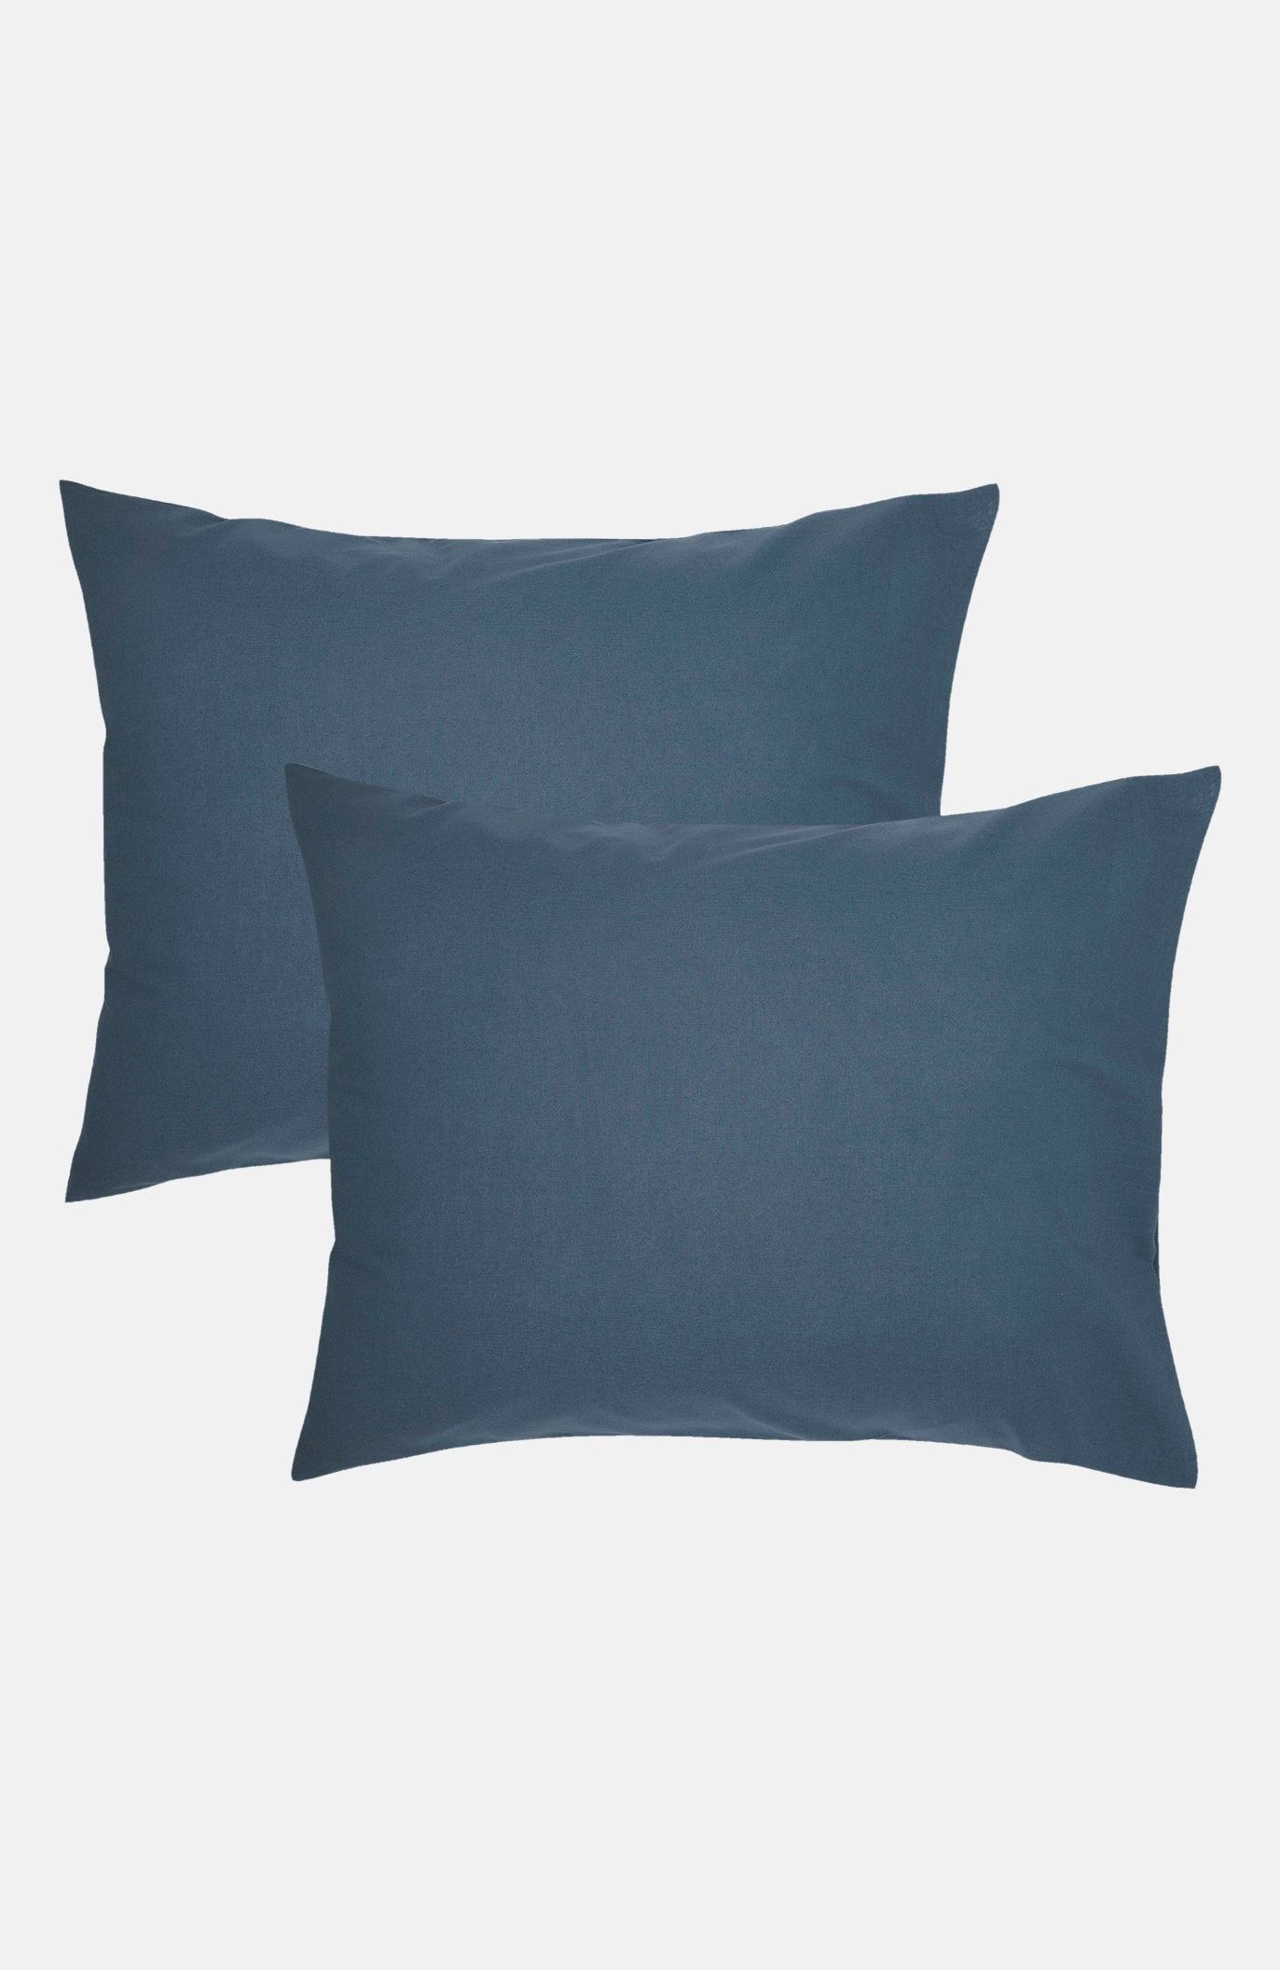 Gładka poszewka na poduszkę 50 x 60 cm 50x60 cm 2 sztuki